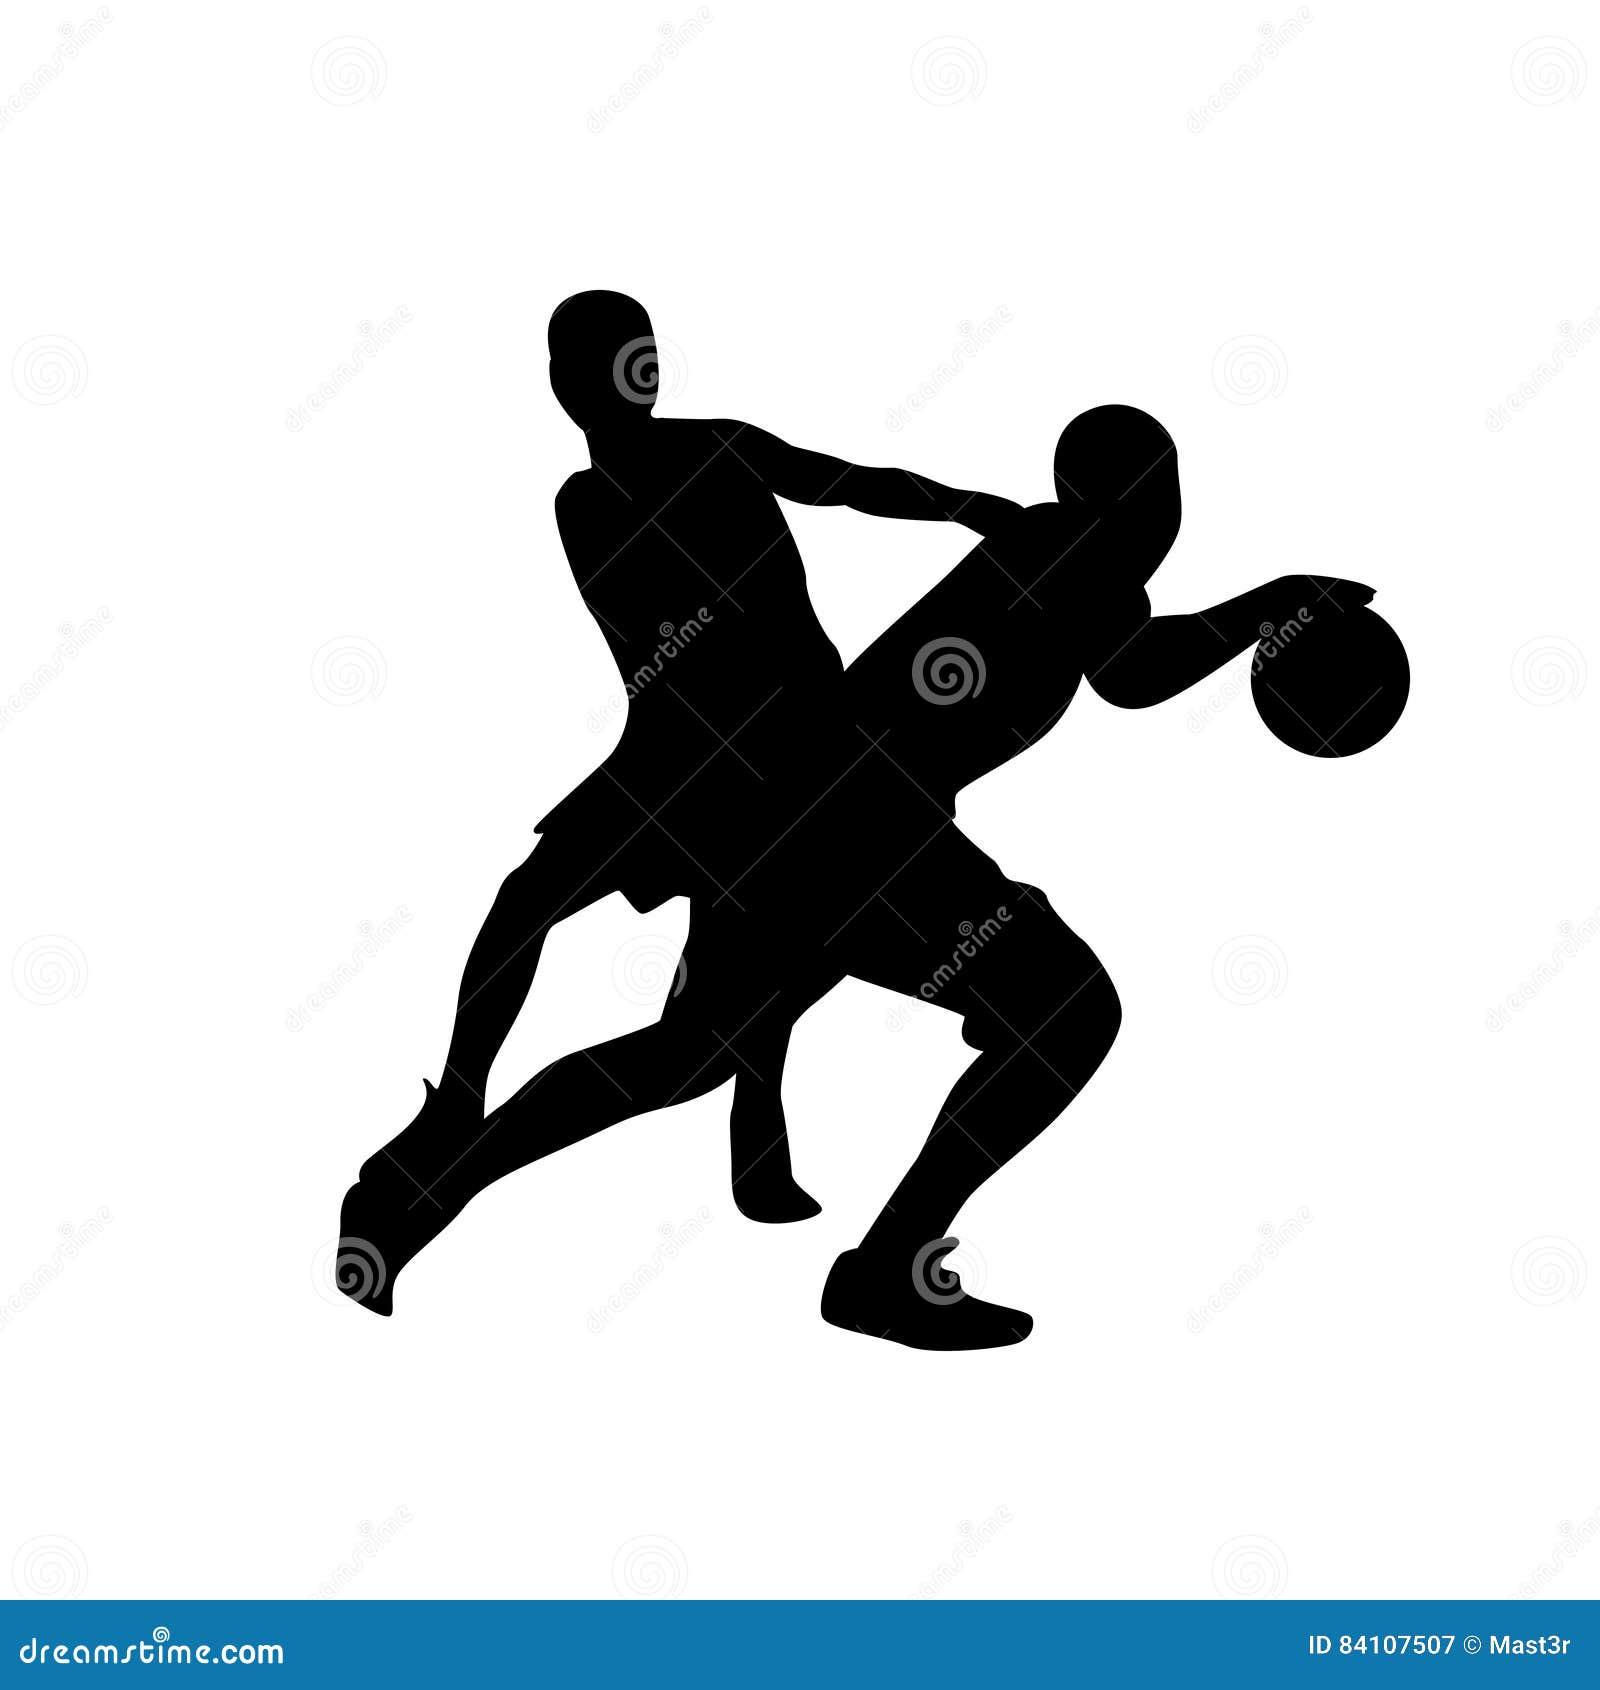 Ziemlich Basketball übungsschablone Bilder - Beispiel Wiederaufnahme ...